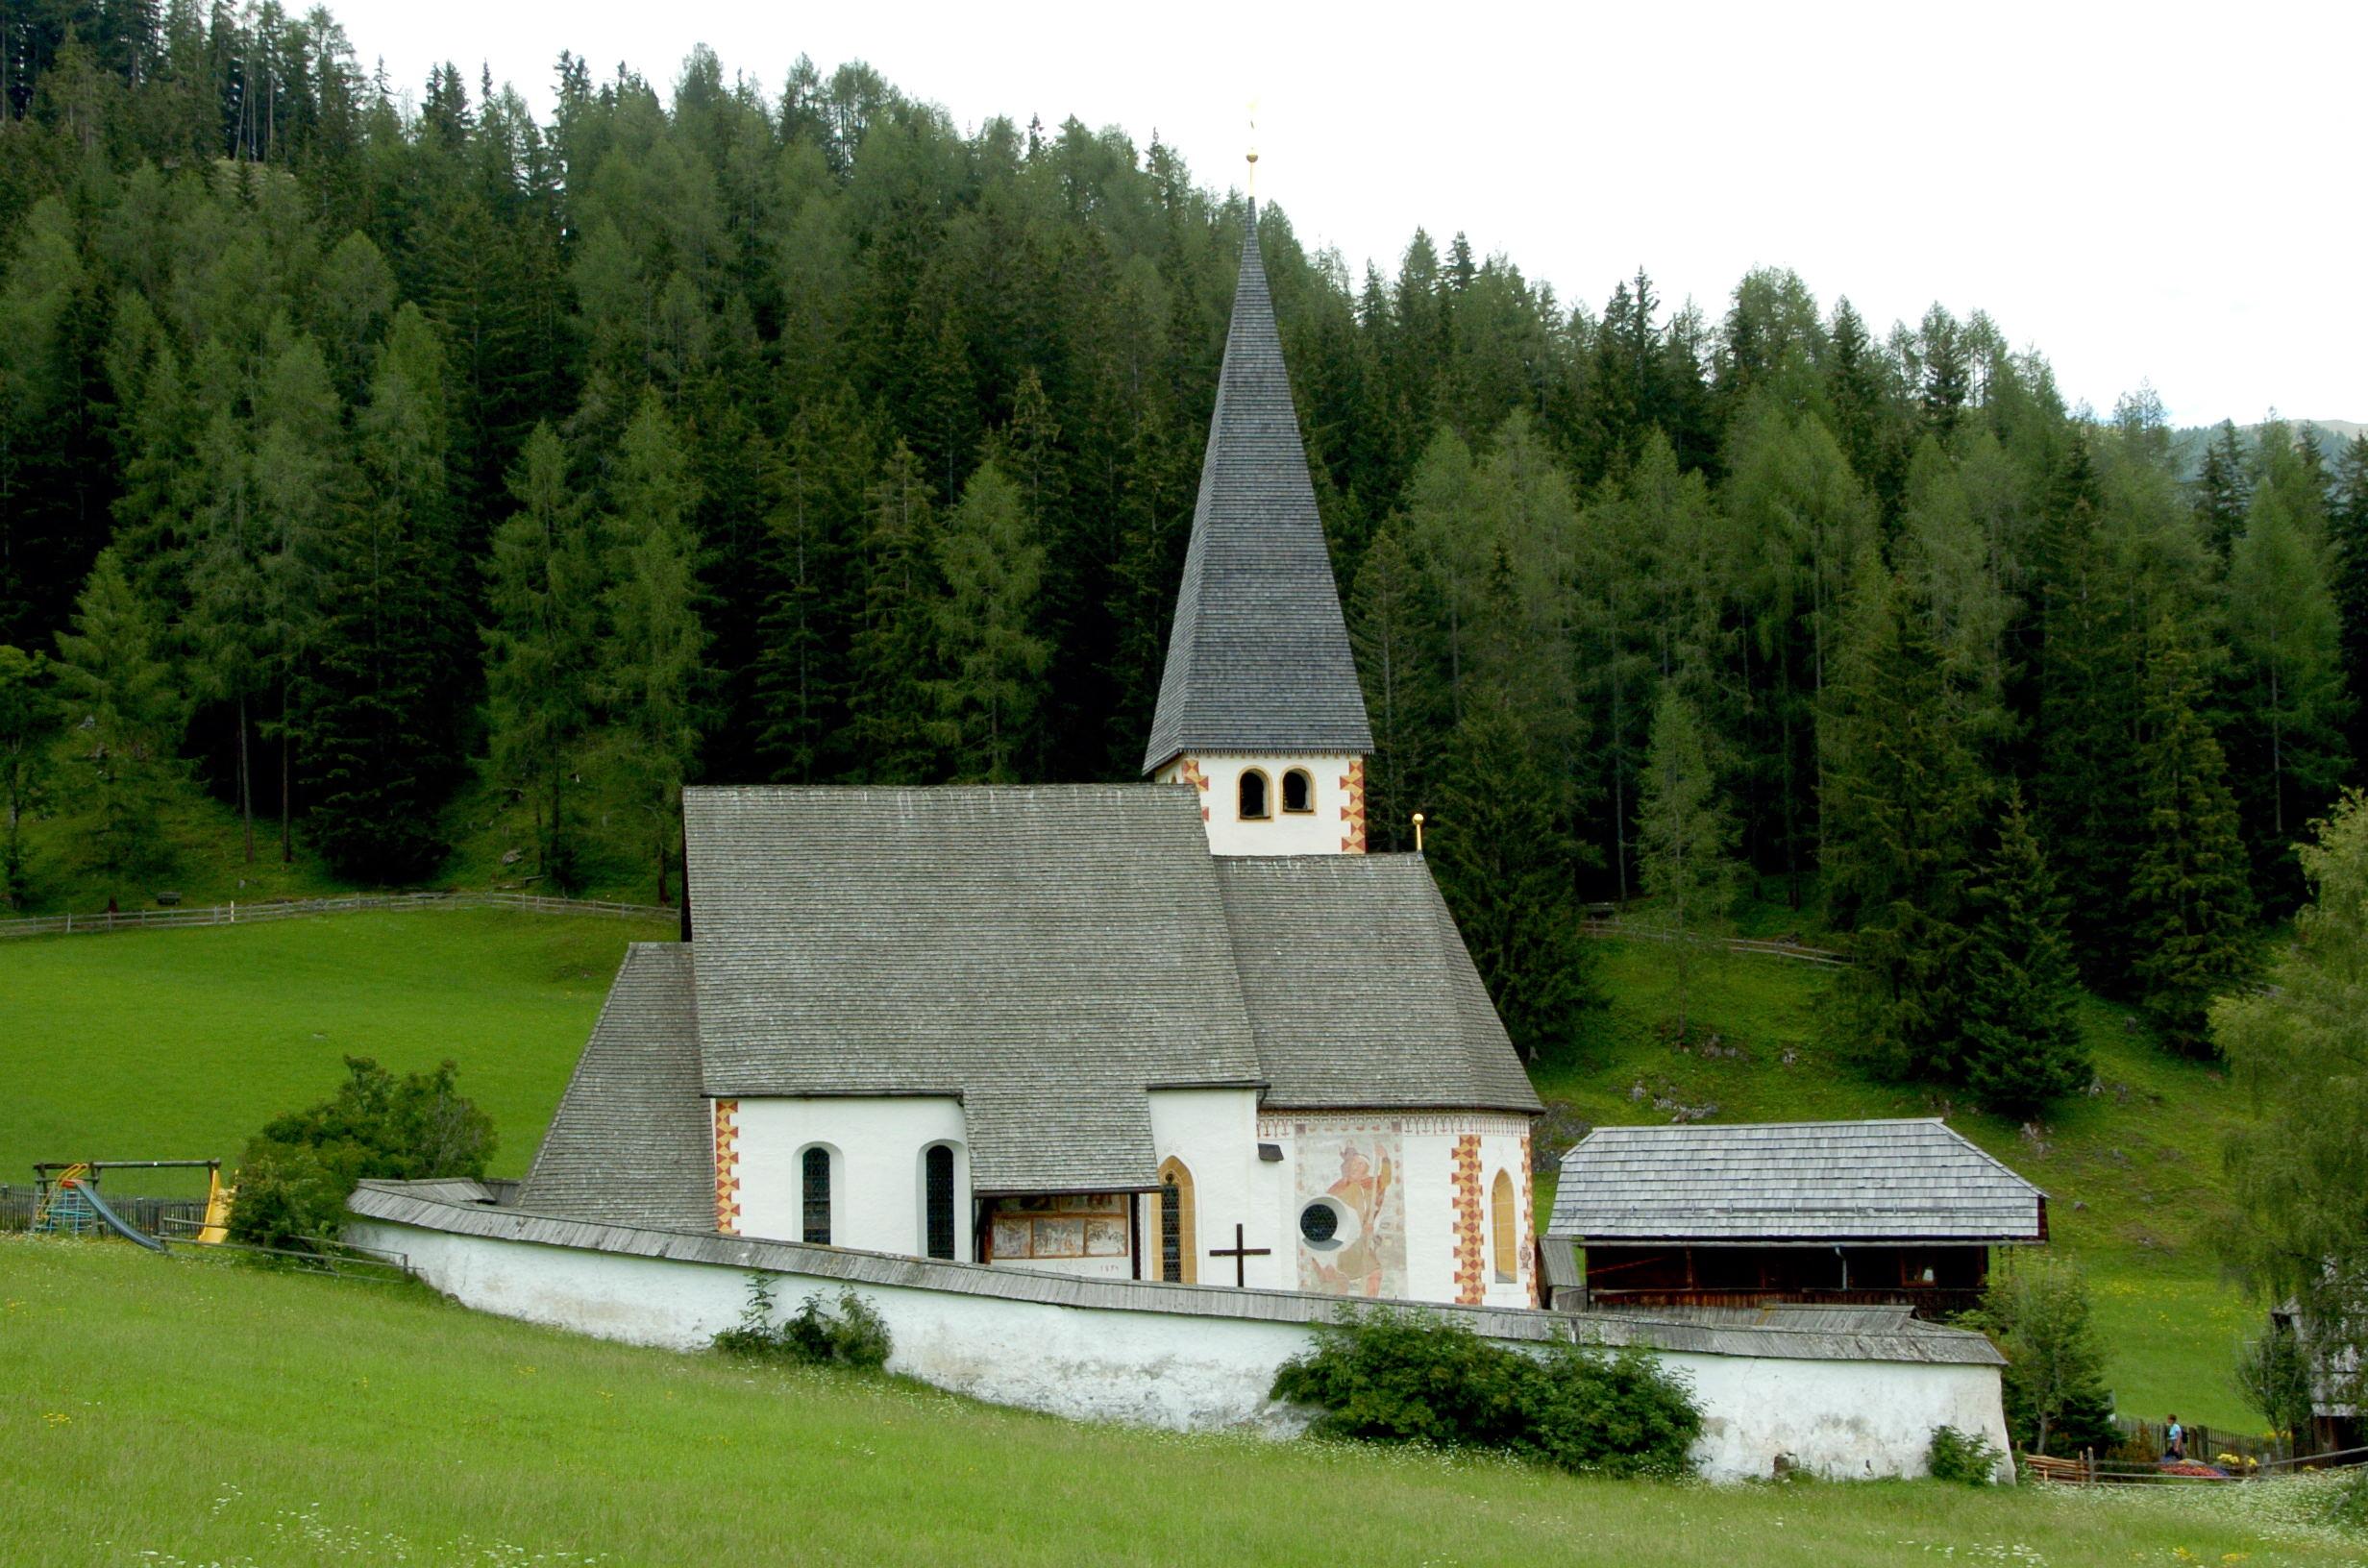 katholische kirche bad lippspringe